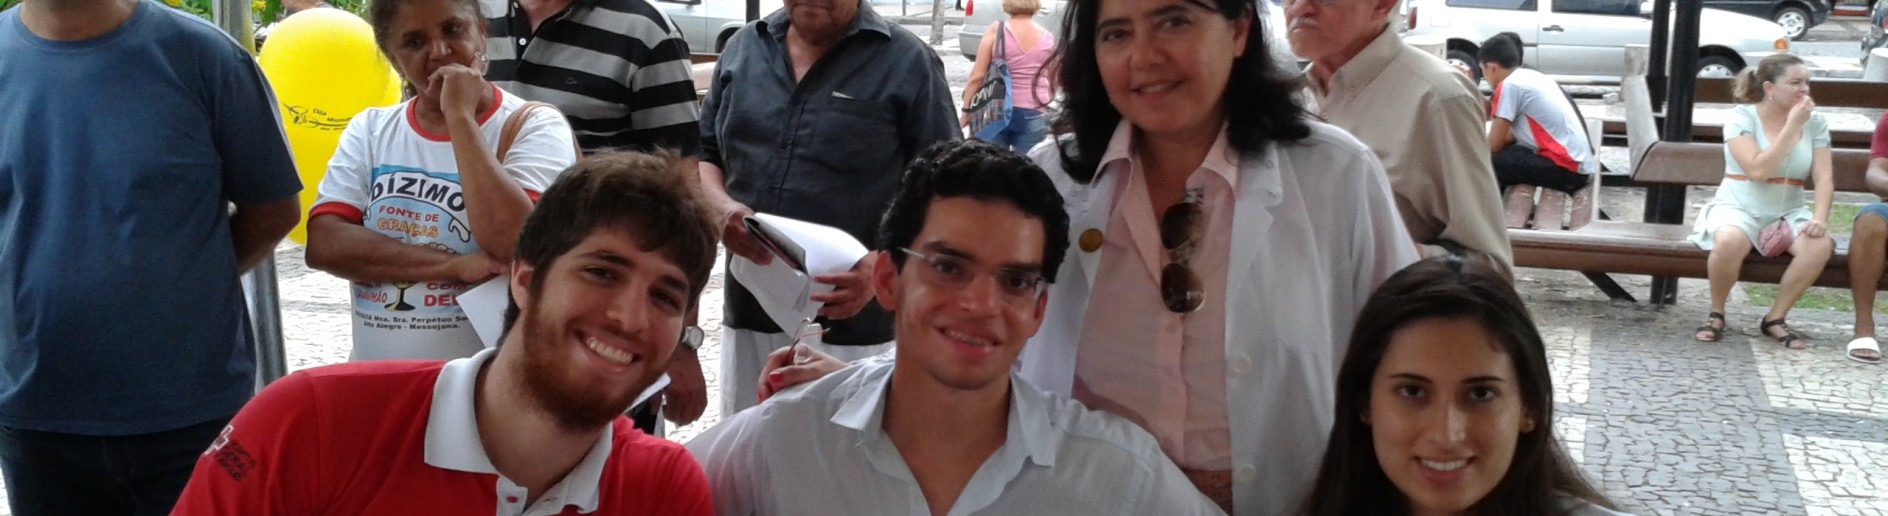 WKD 2014 Brazil: Screening